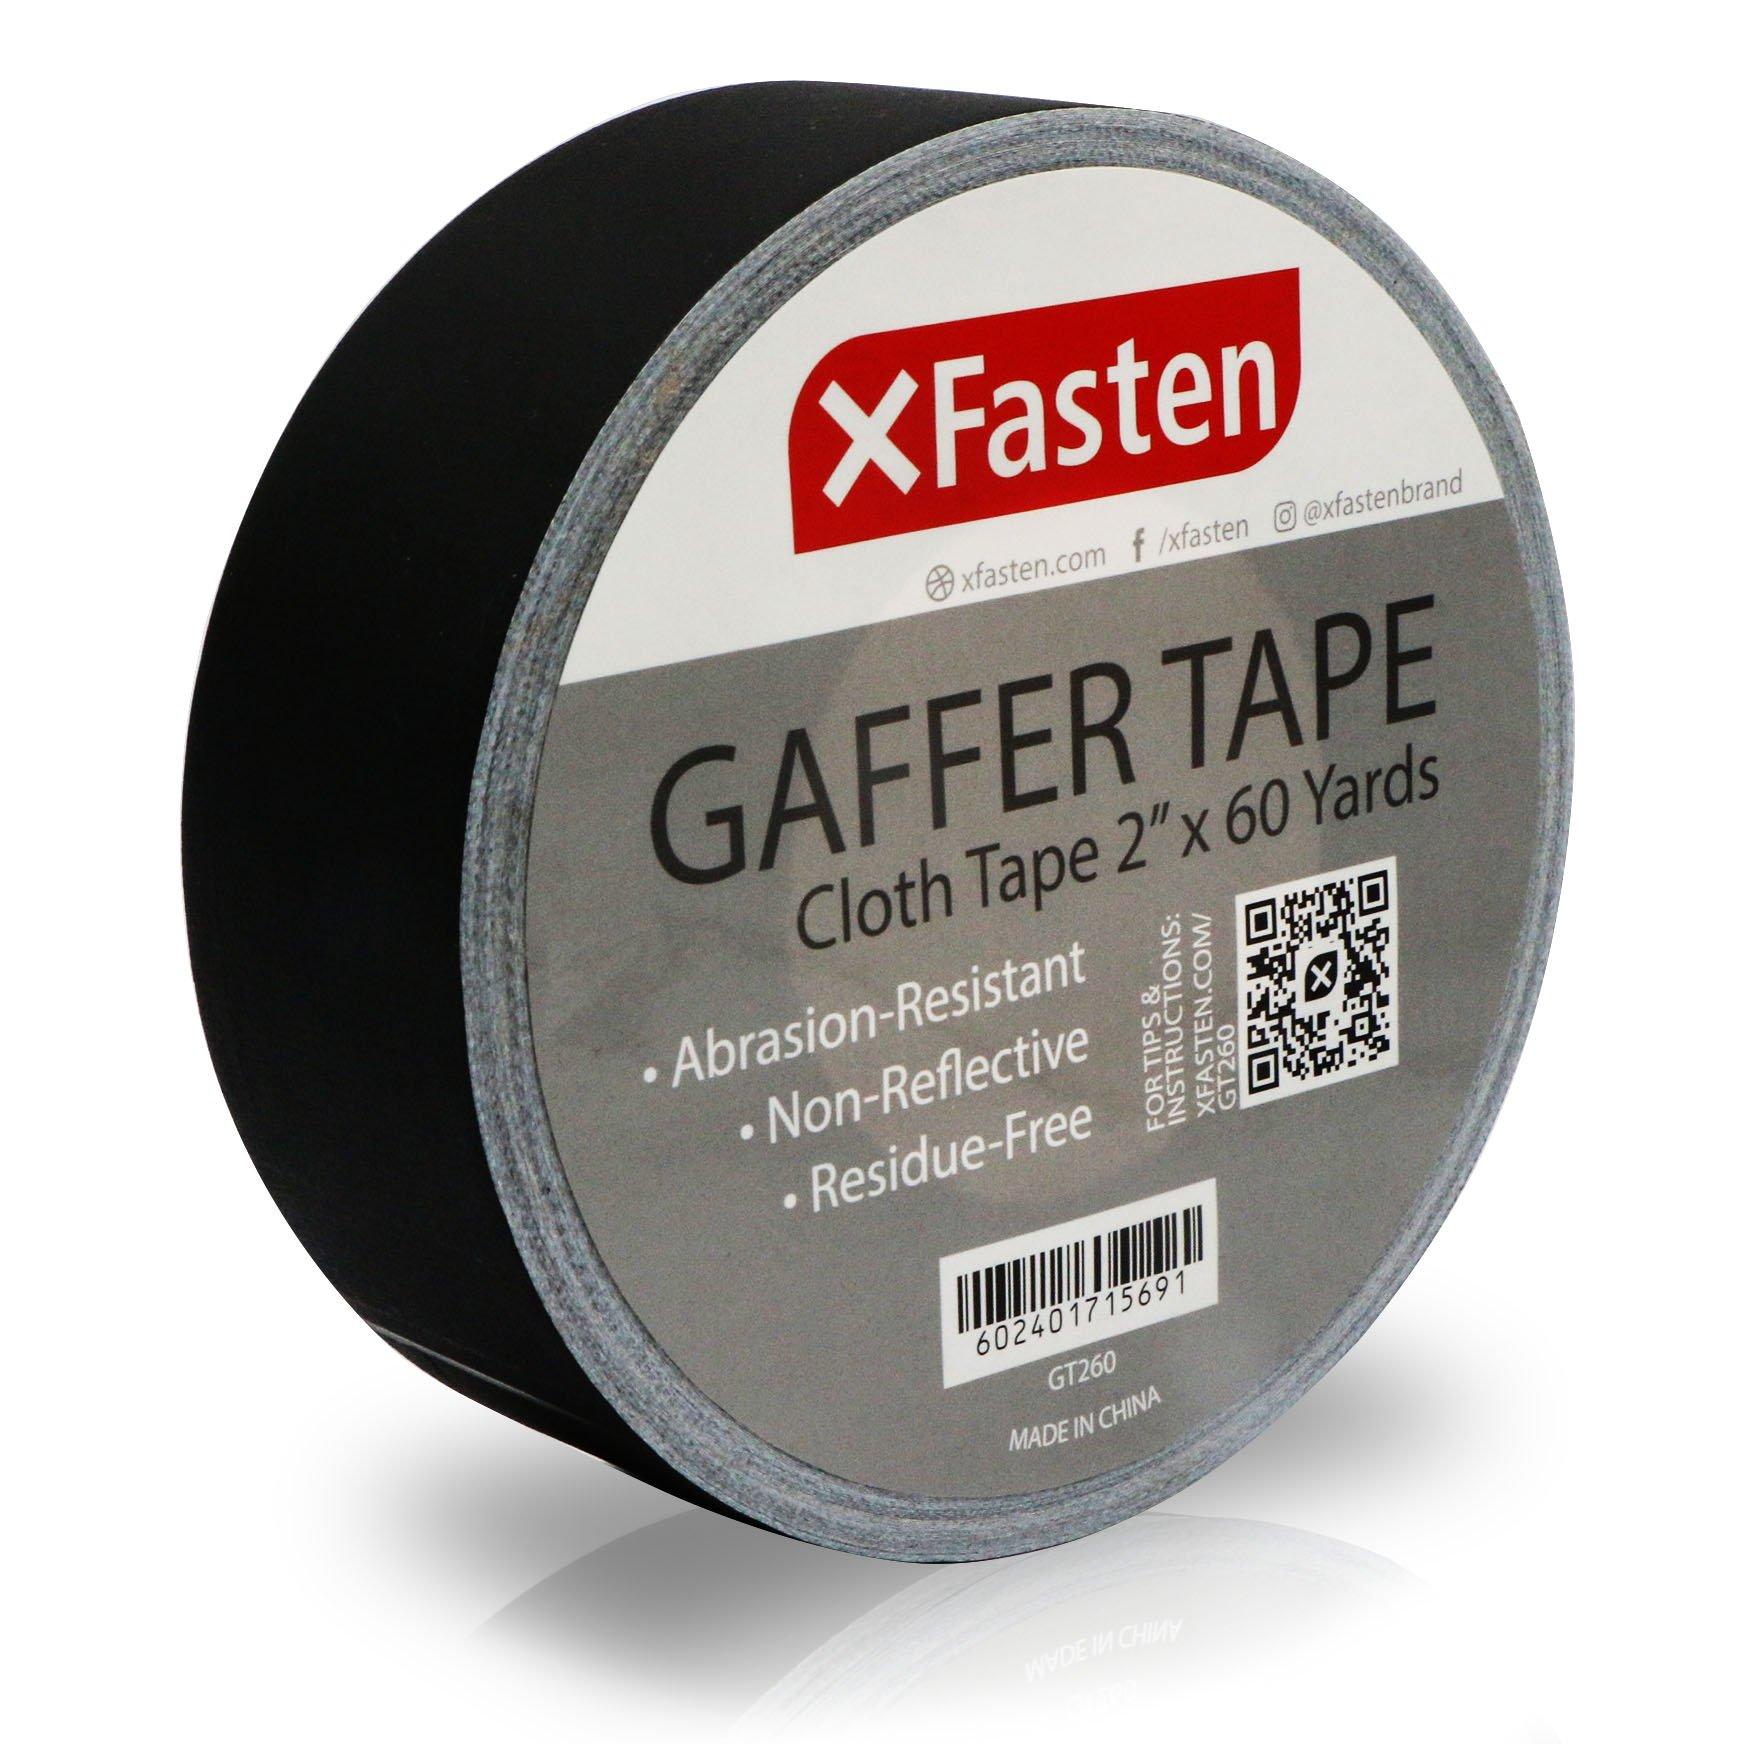 XFasten Professional Grade Gaffer Tape, 2 Inch X 60 Yards (Black) by XFasten